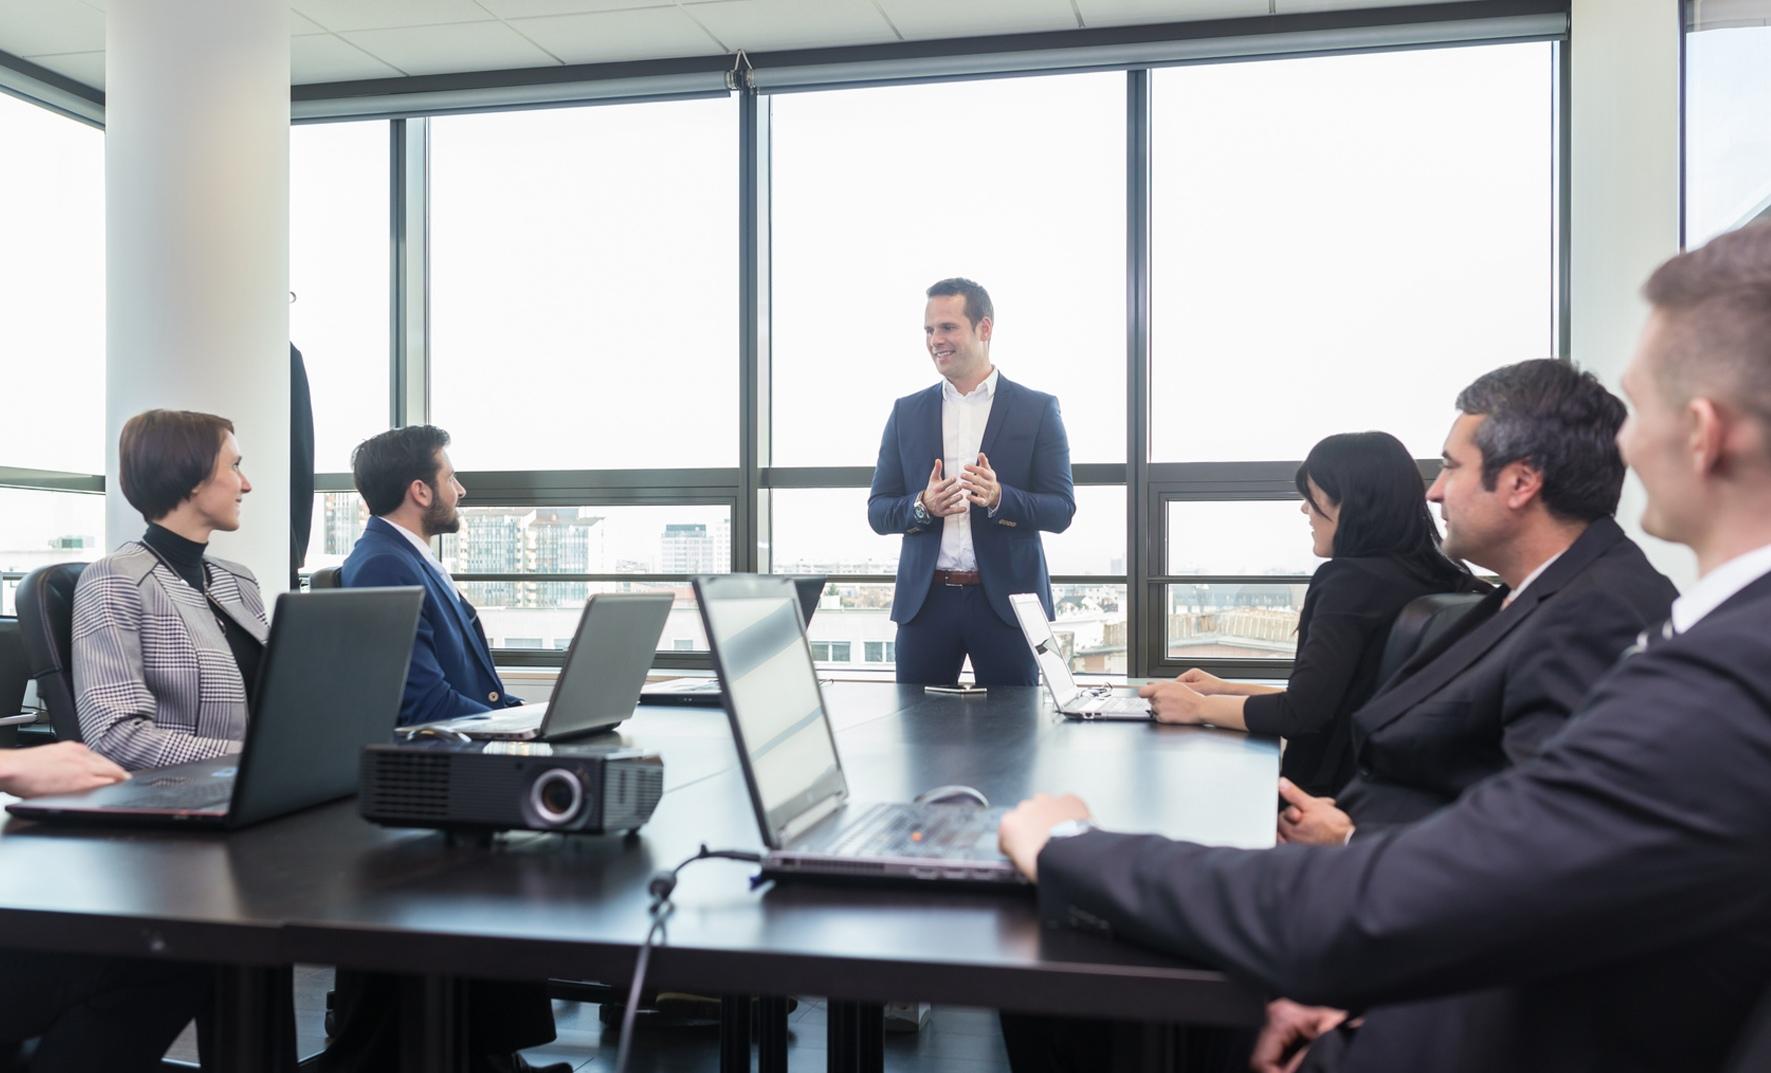 מהו הסגנון התקשורתי שלך?…ושל עובדיך הבכירים